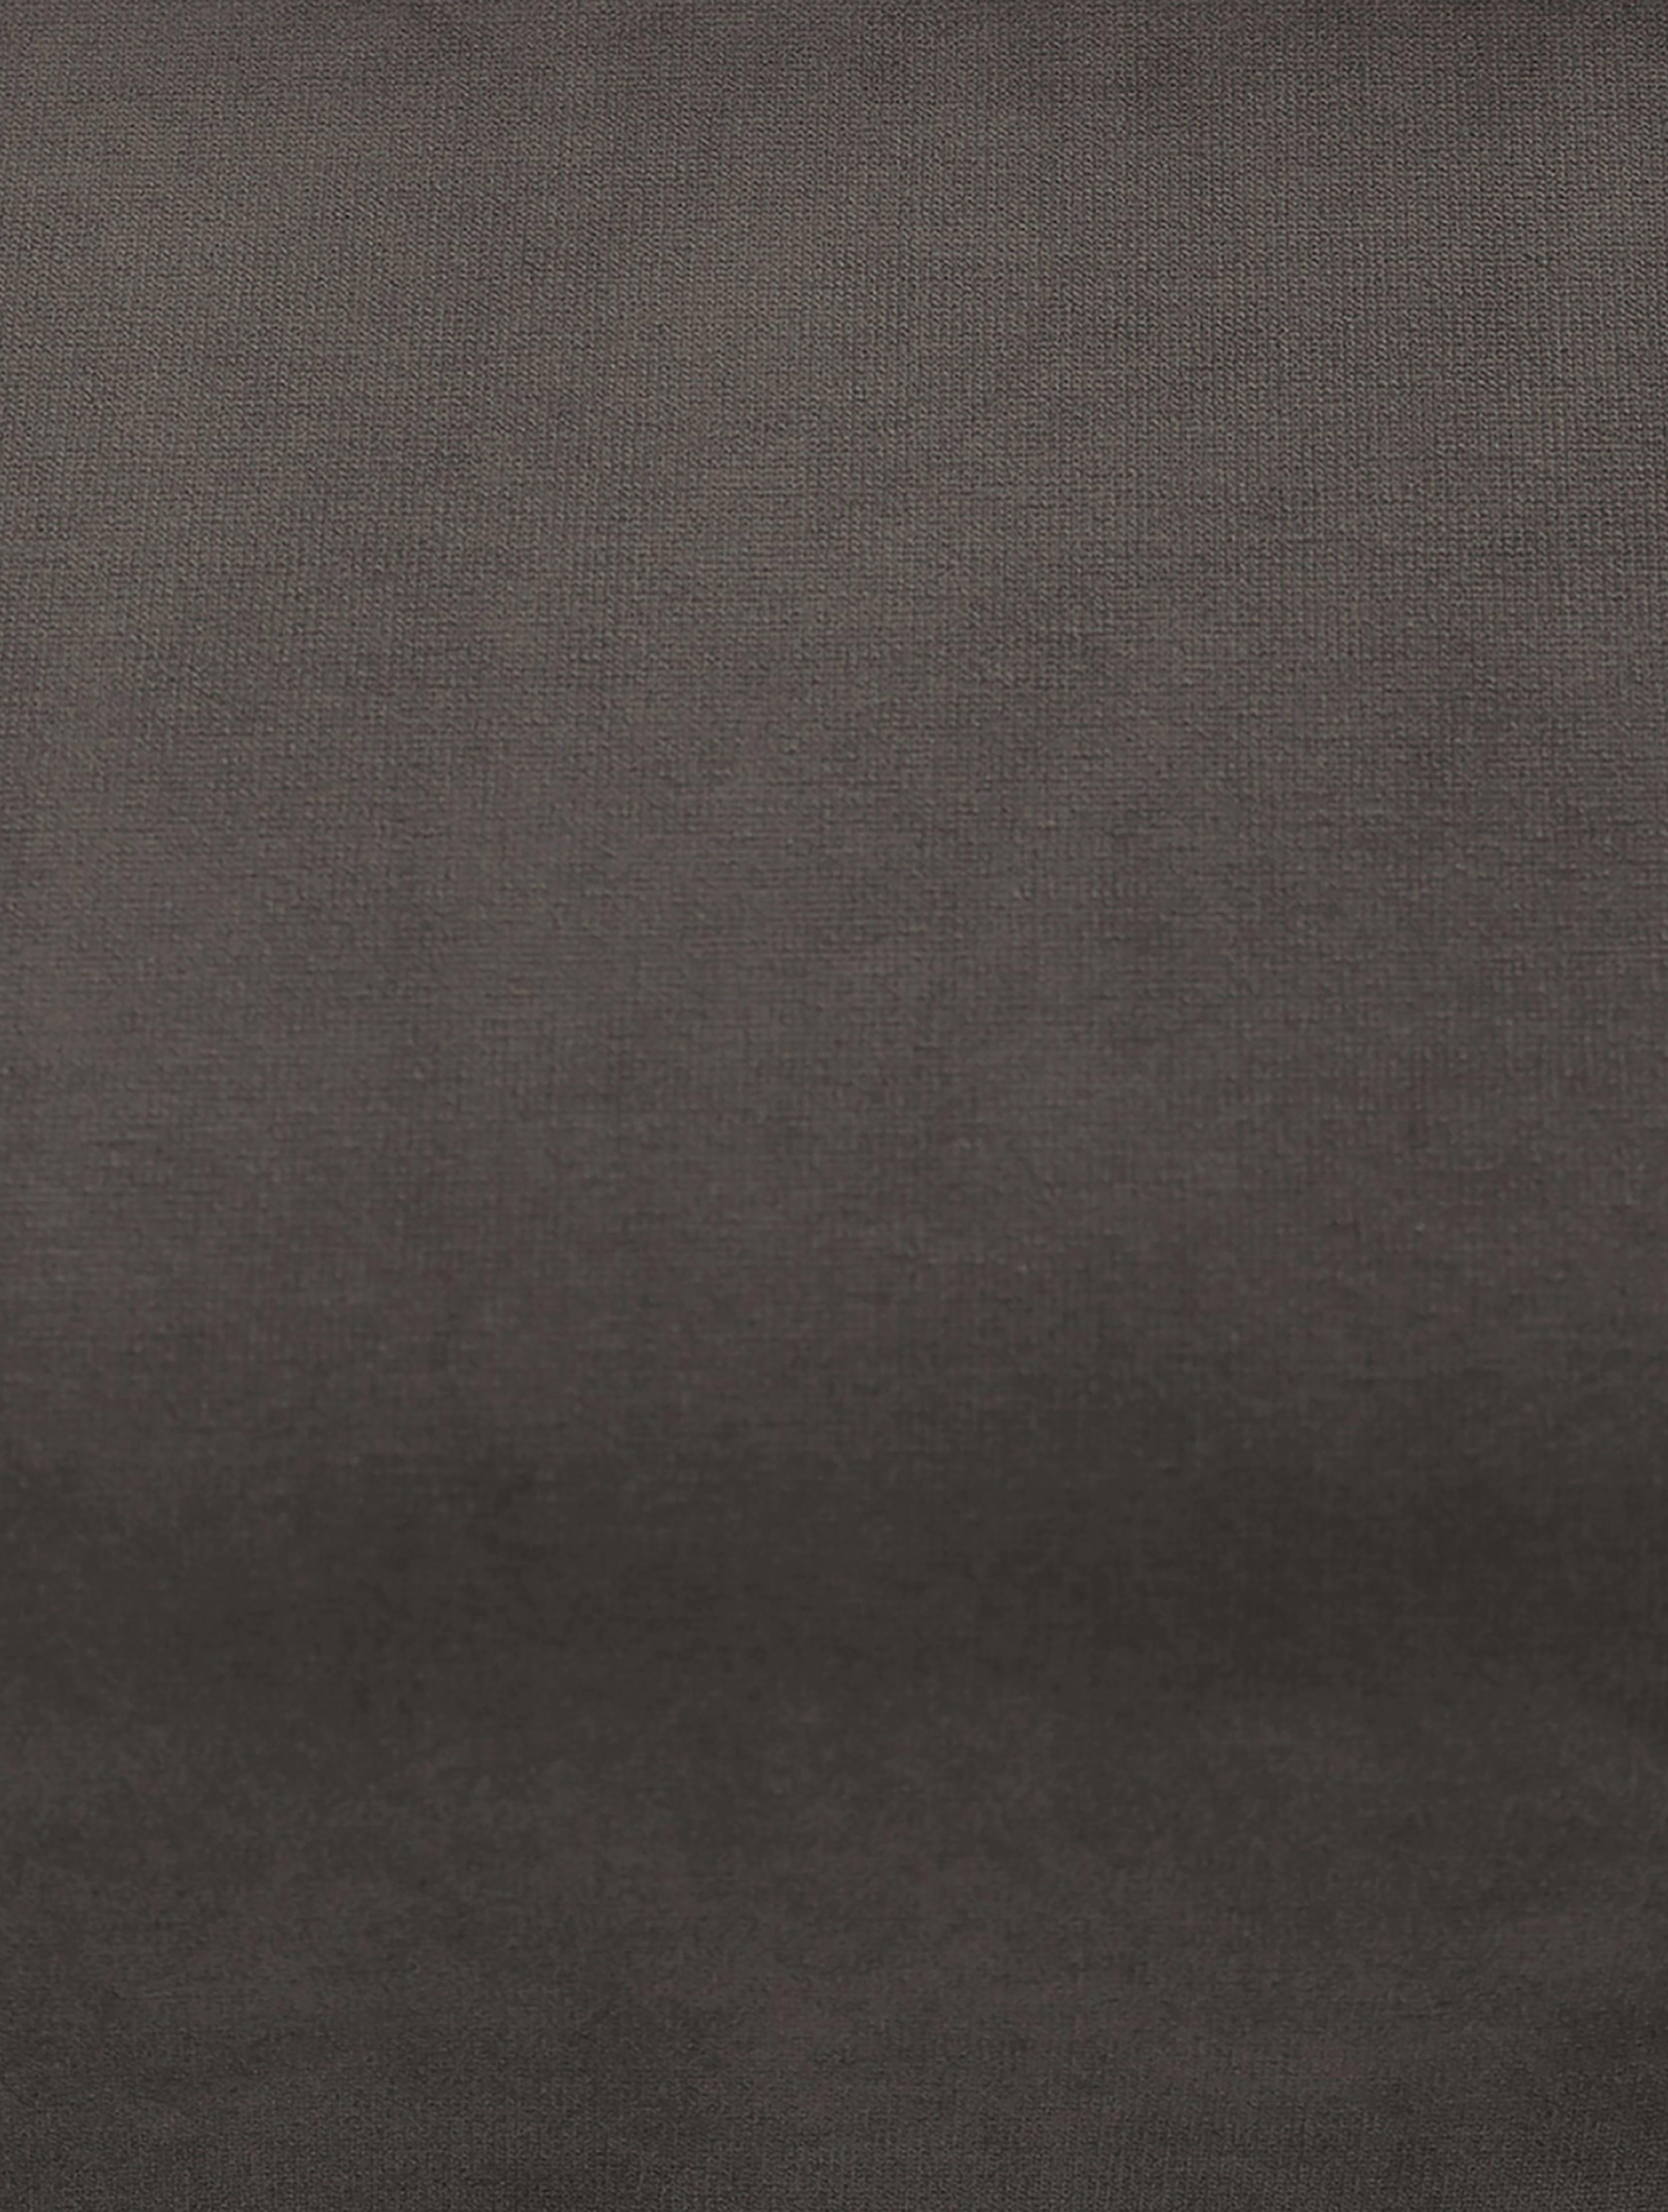 Divano 2 posti in velluto grigio marrone Moby, Rivestimento: velluto (copertura in pol, Struttura: legno di pino massiccio, Piedini: metallo, verniciato a pol, Velluto grigio marrone, Larg. 170 x Prof. 95 cm